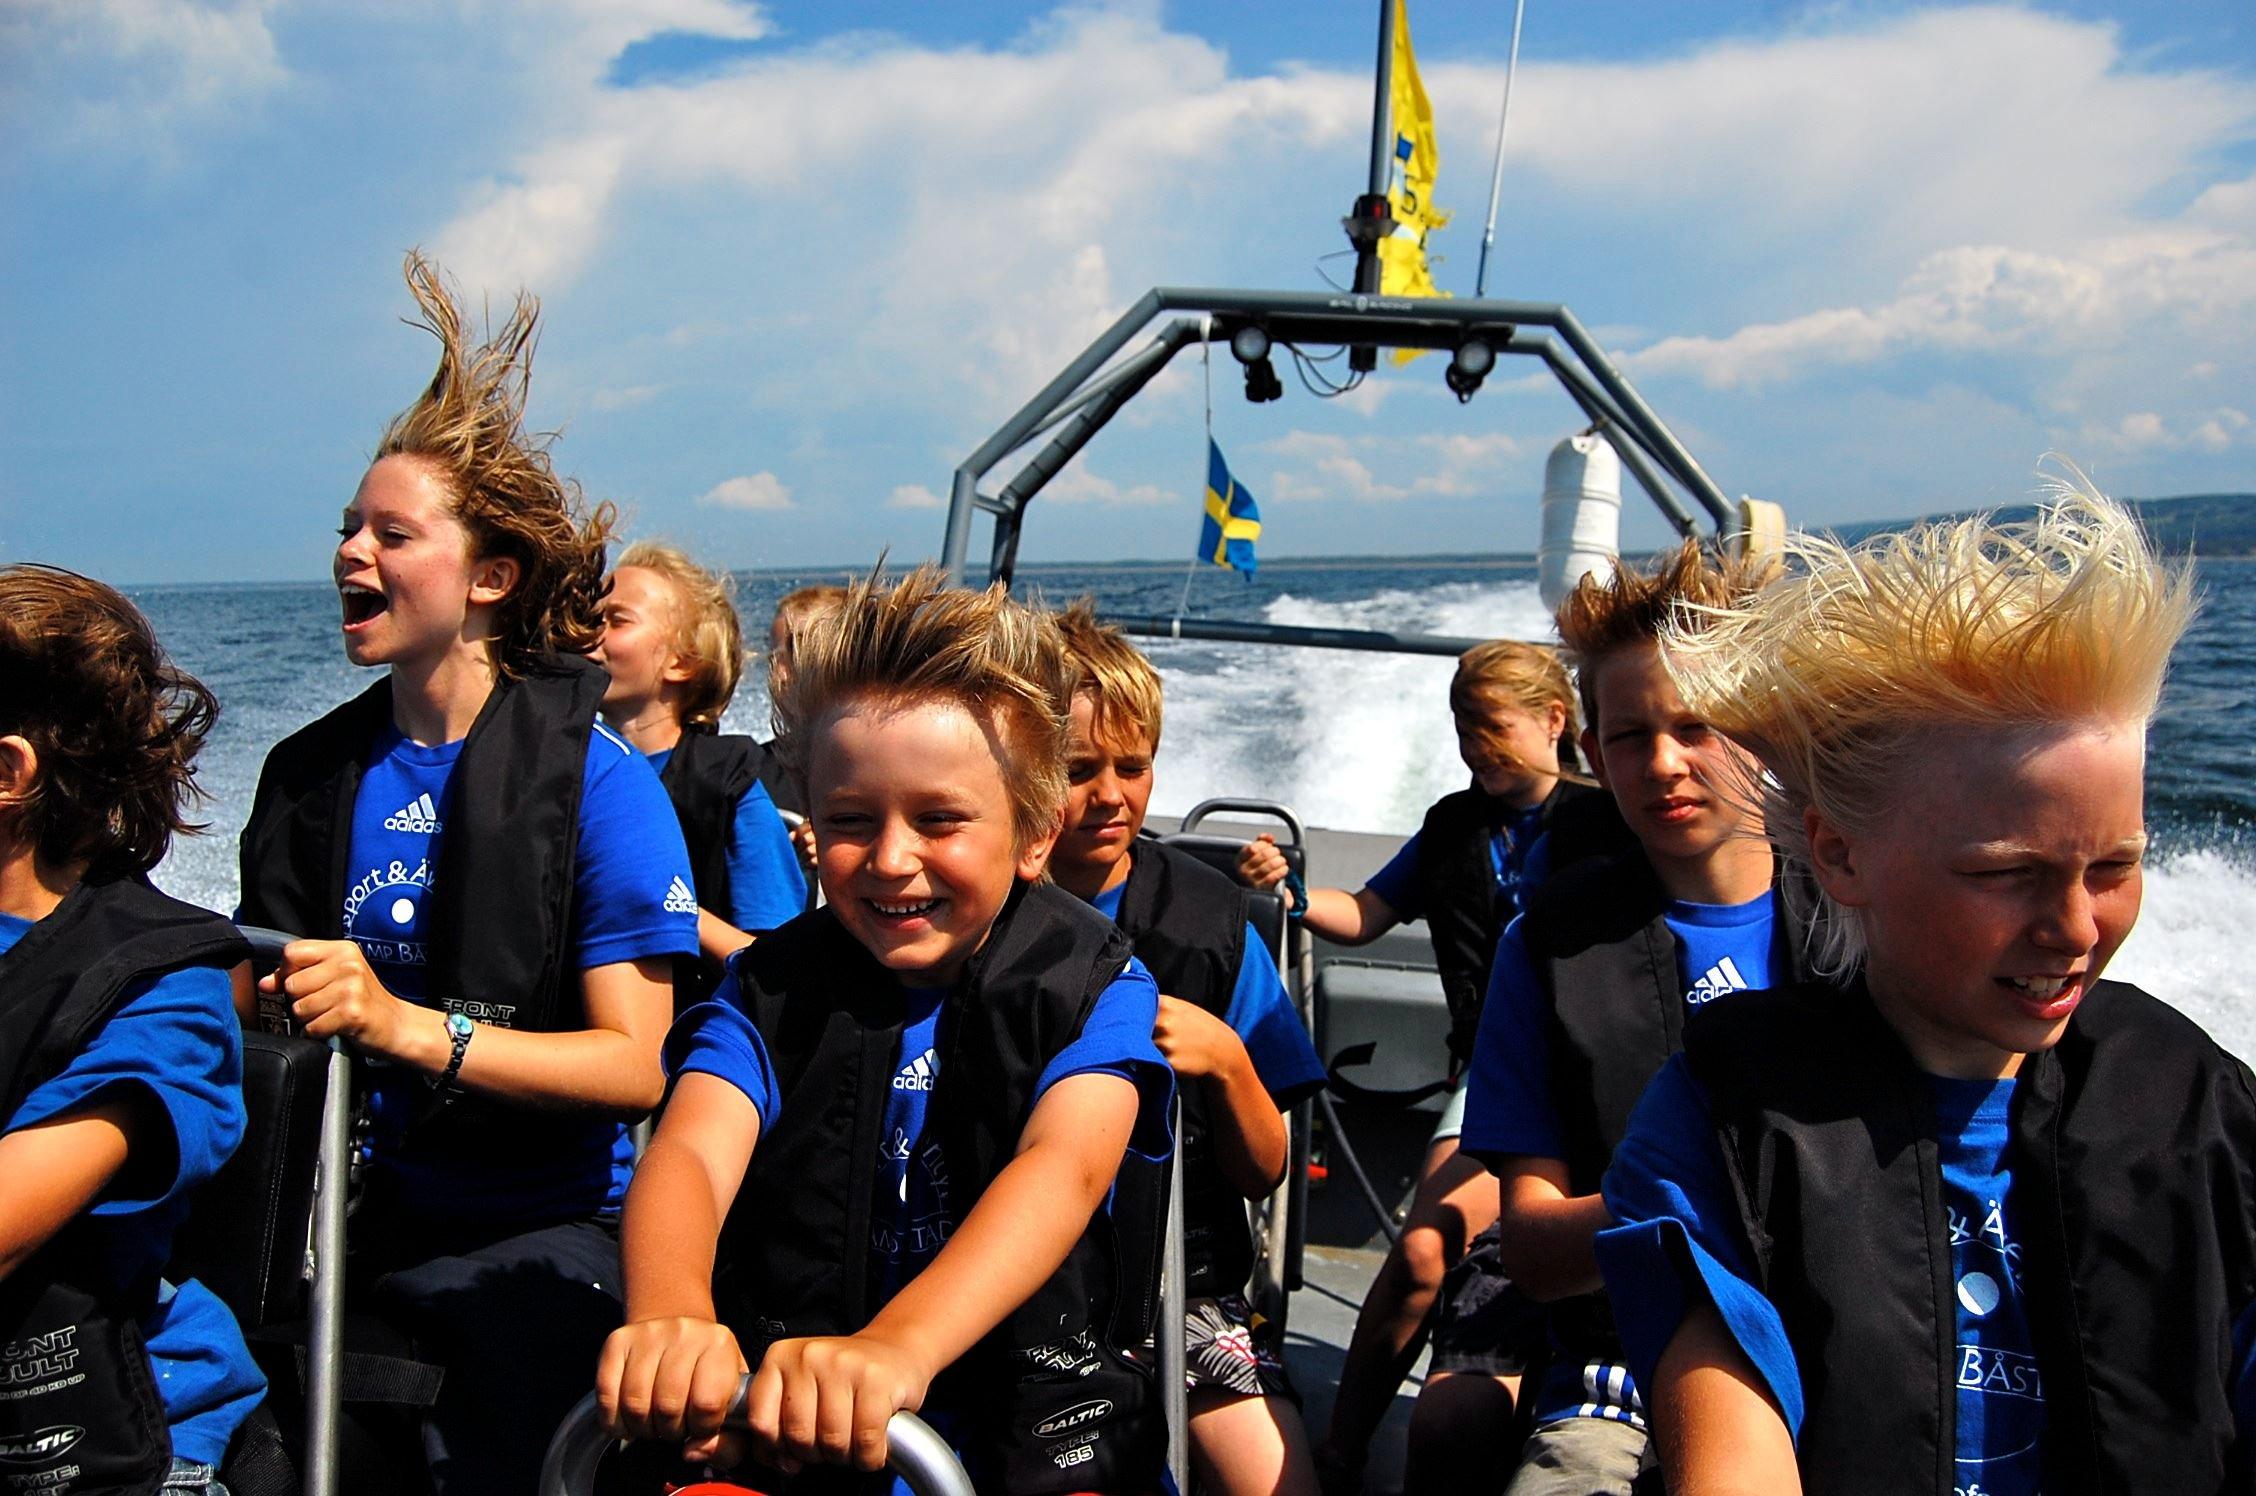 Sport & Adventure Camp Båstad for kids between 6-15 years.